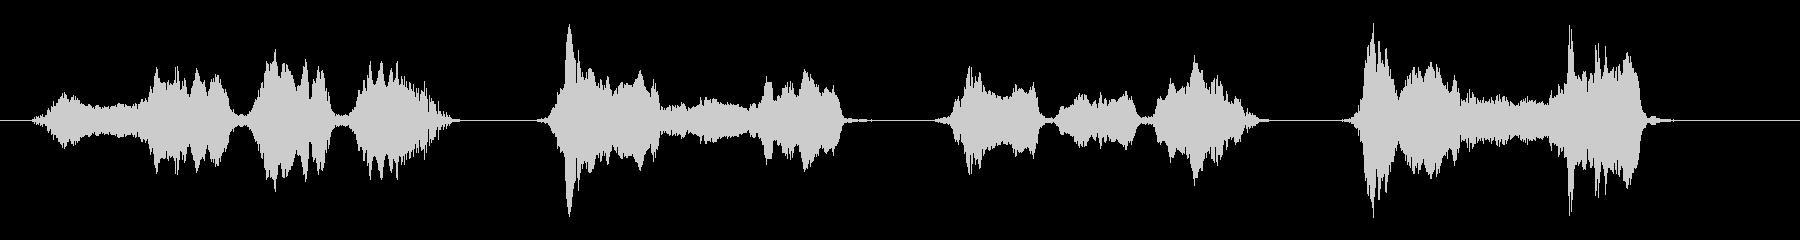 「イーヤーサーサー」「ハーイーヤー」の未再生の波形